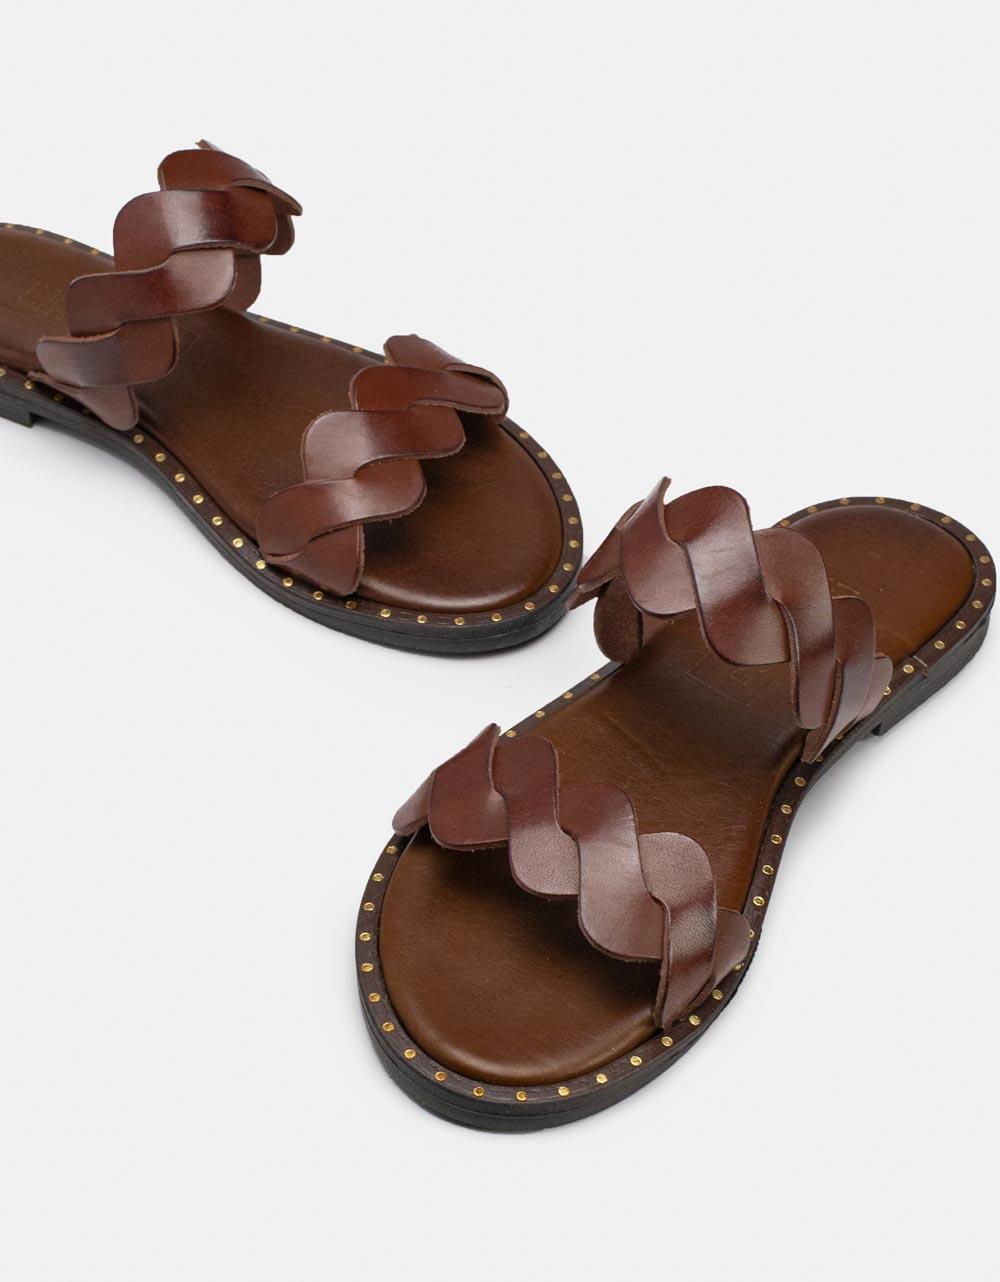 Εικόνα από Γυναικεία σανδάλια από γνήσιο δέρμα με πλεκτές φάσες Μπορντώ